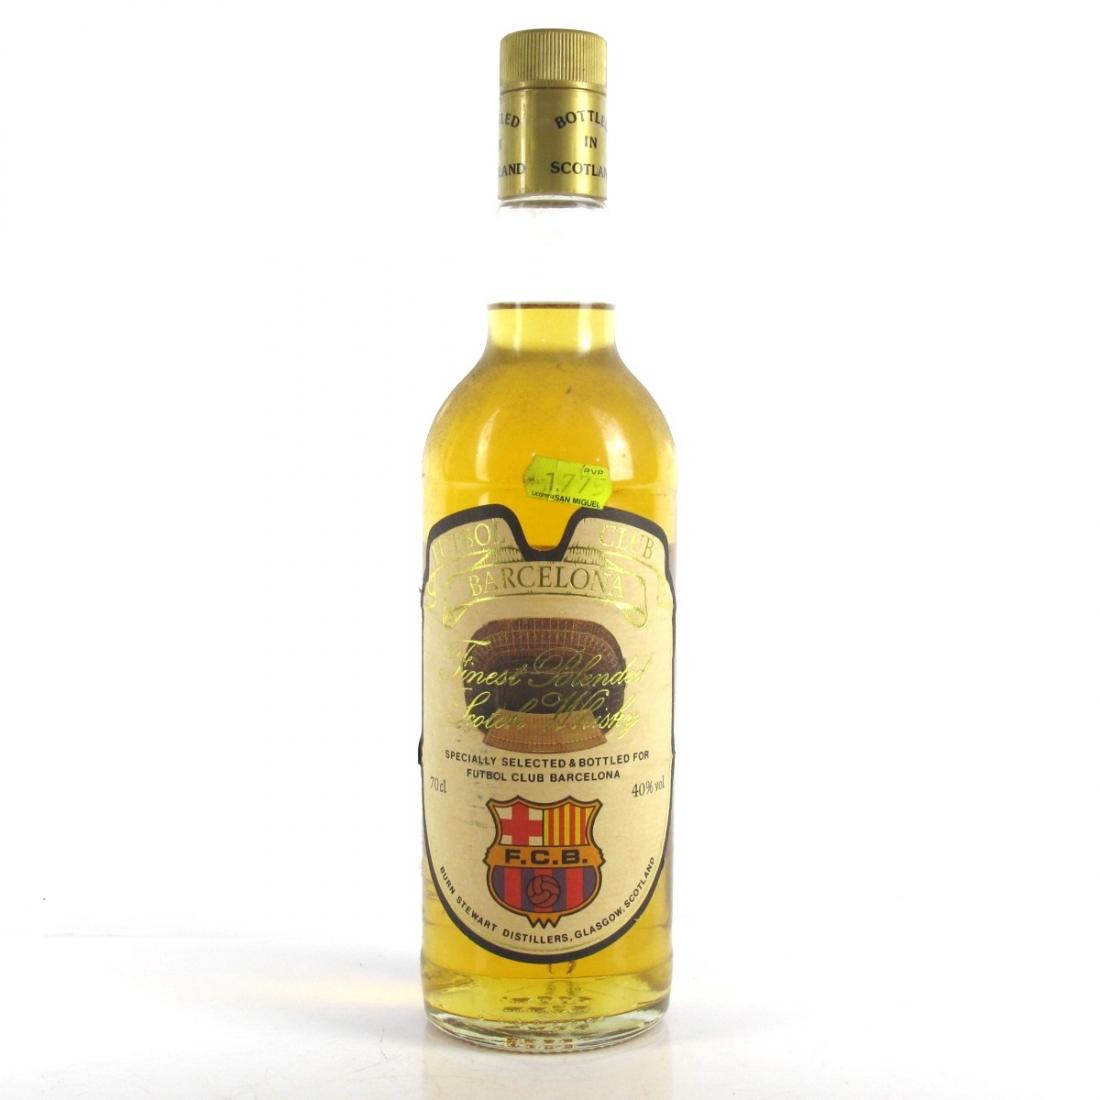 FC Barcelona Finest Blended Scotch